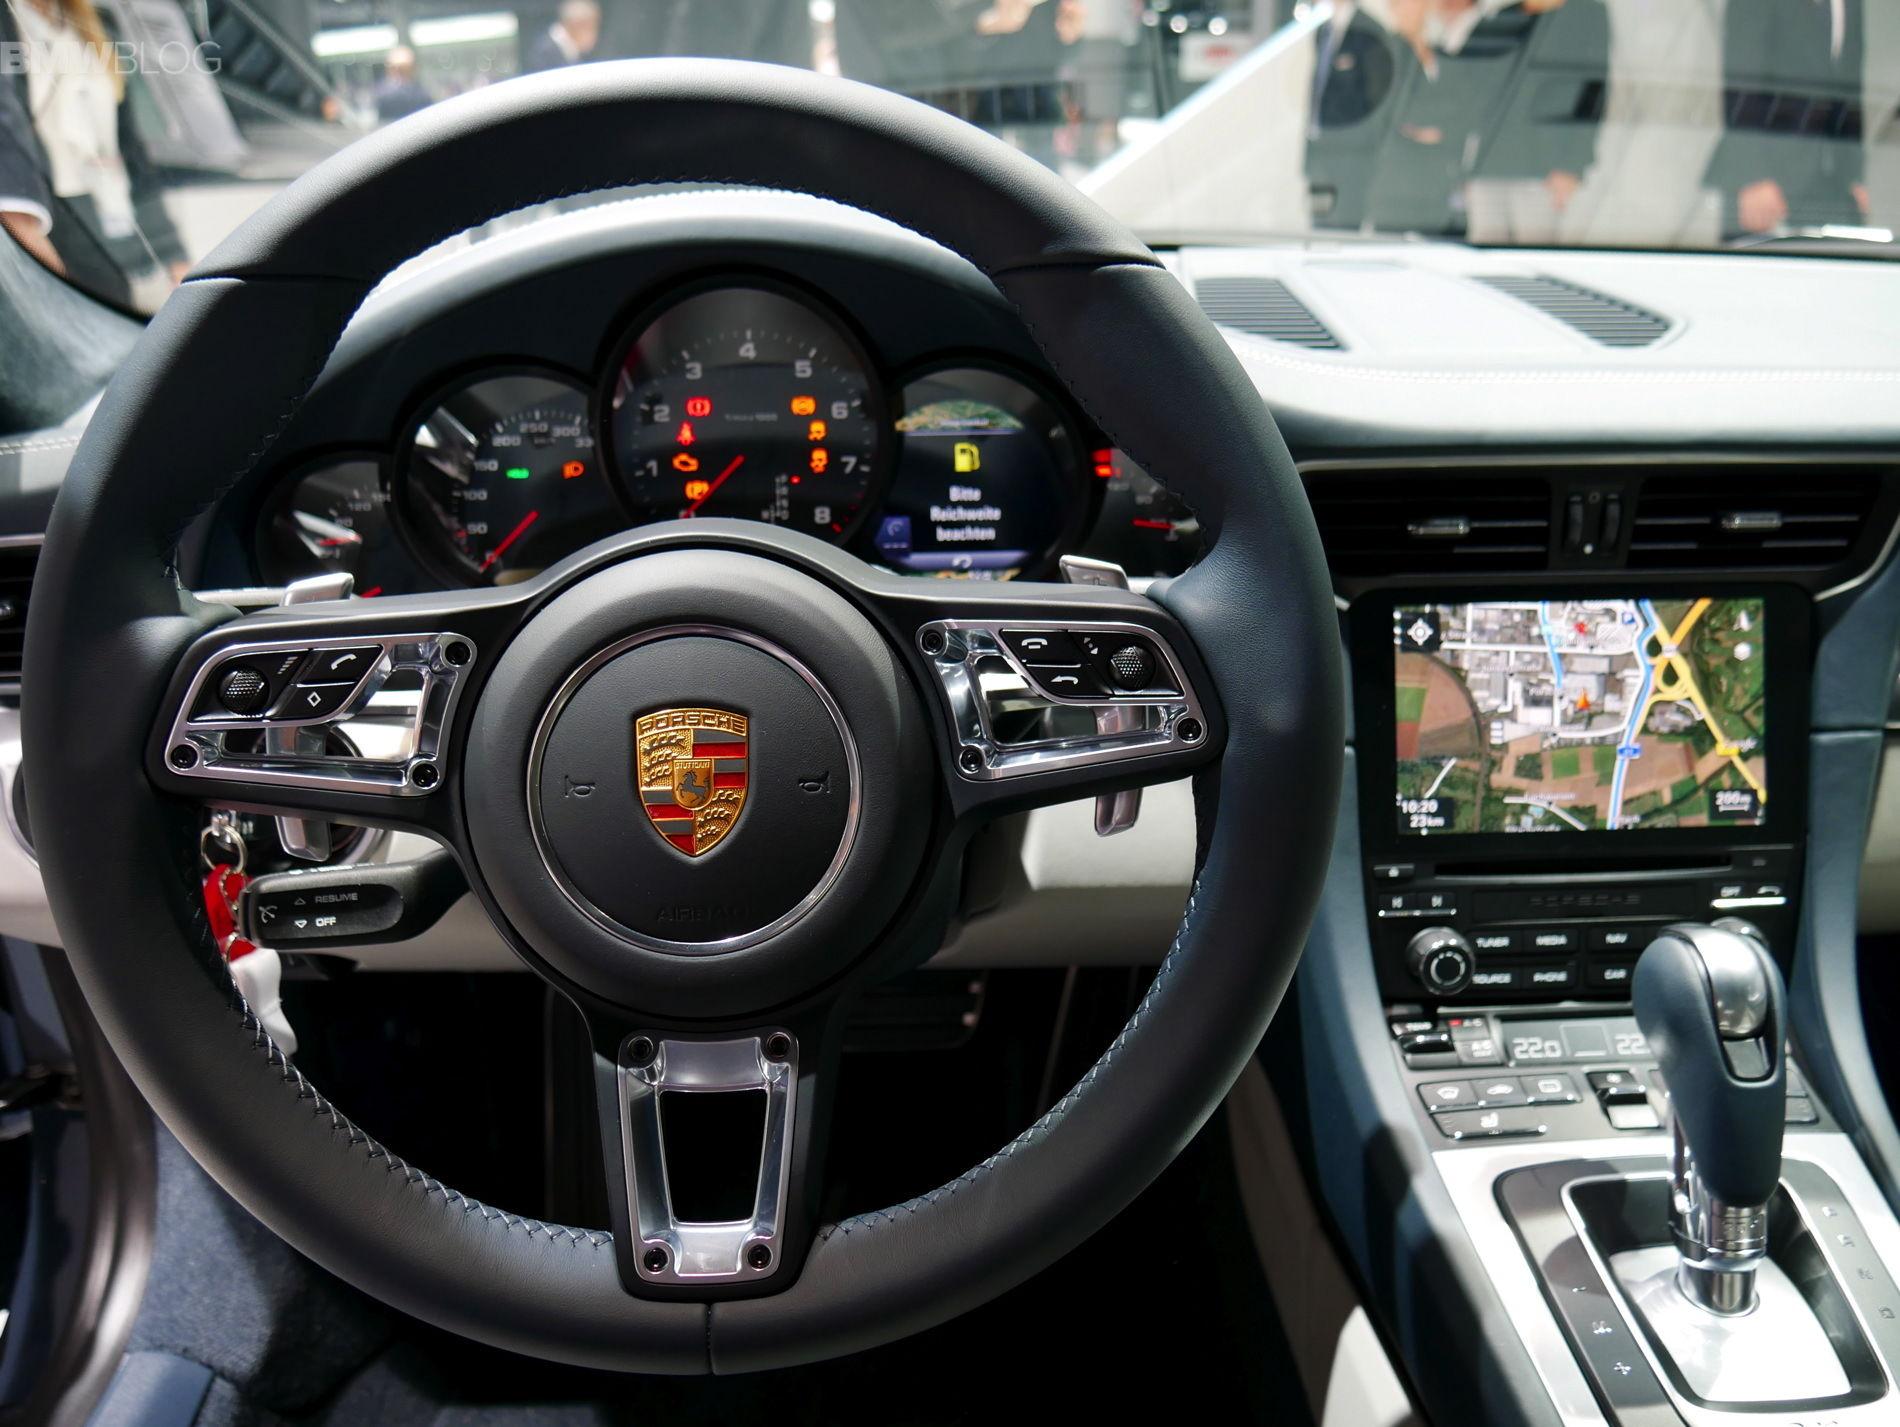 New Multifunction Sport Steering Wheel In An 981